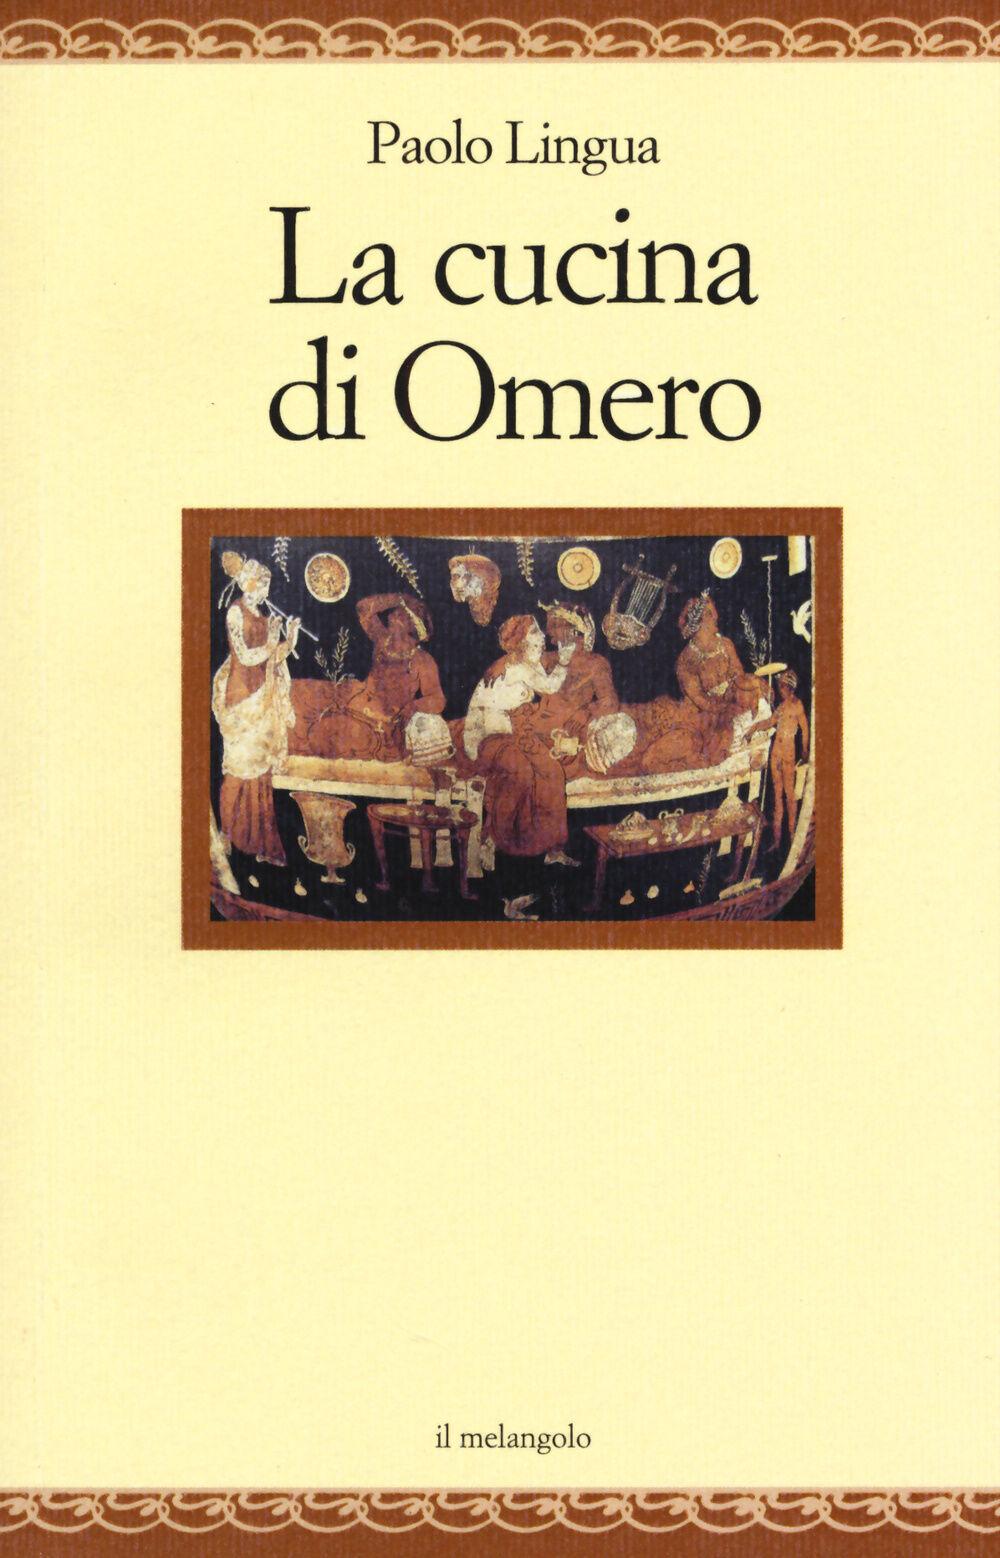 La cucina di omero paolo lingua libro il nuovo melangolo nugae ibs - Il libro di cucina hoepli pdf ...